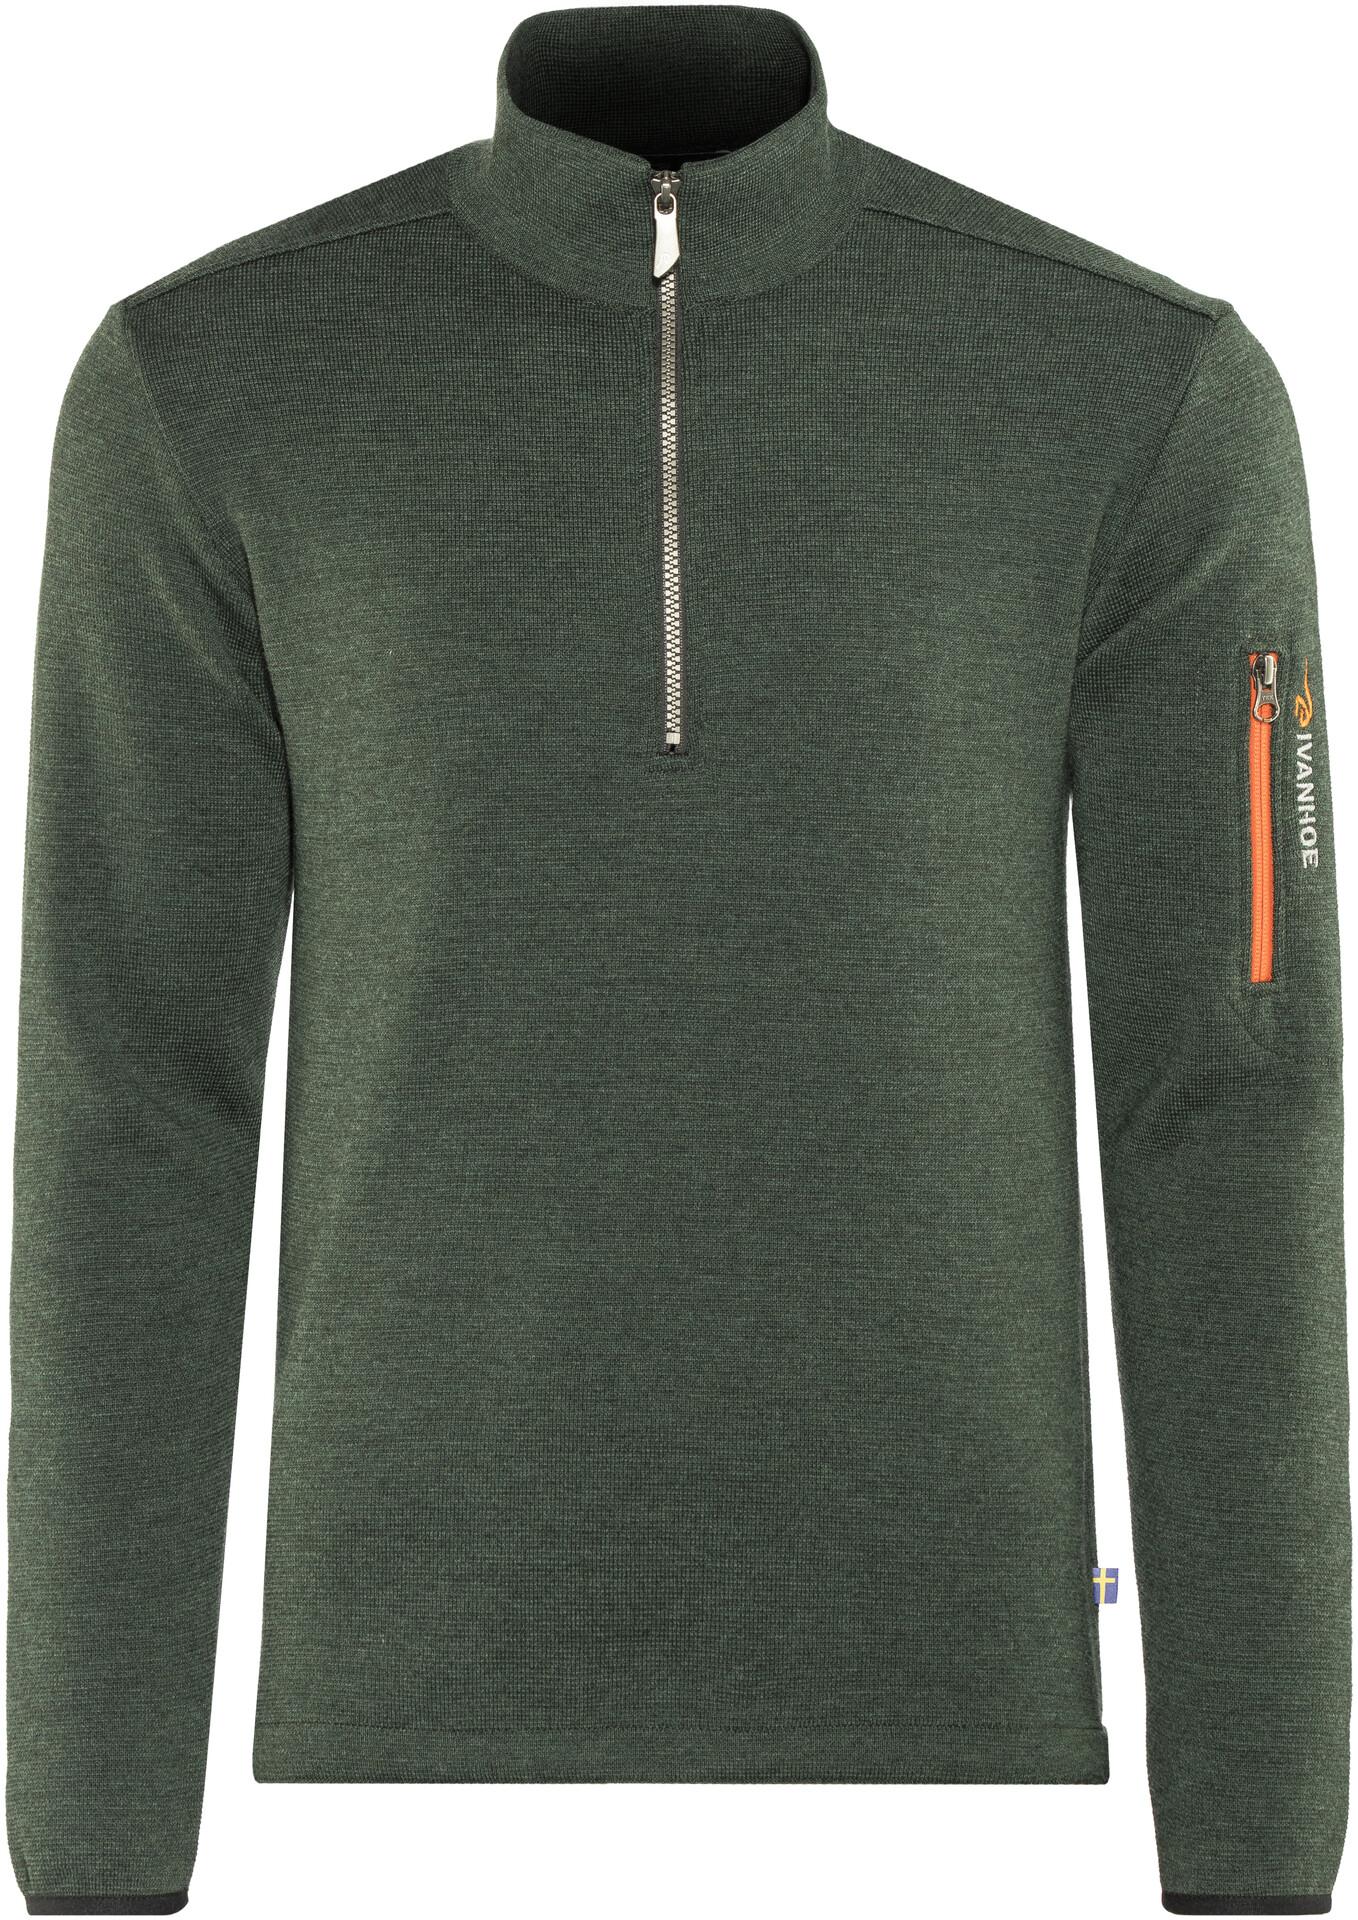 Ivanhoe of Sweden Assar Half Zip Sweater Herren rifle green